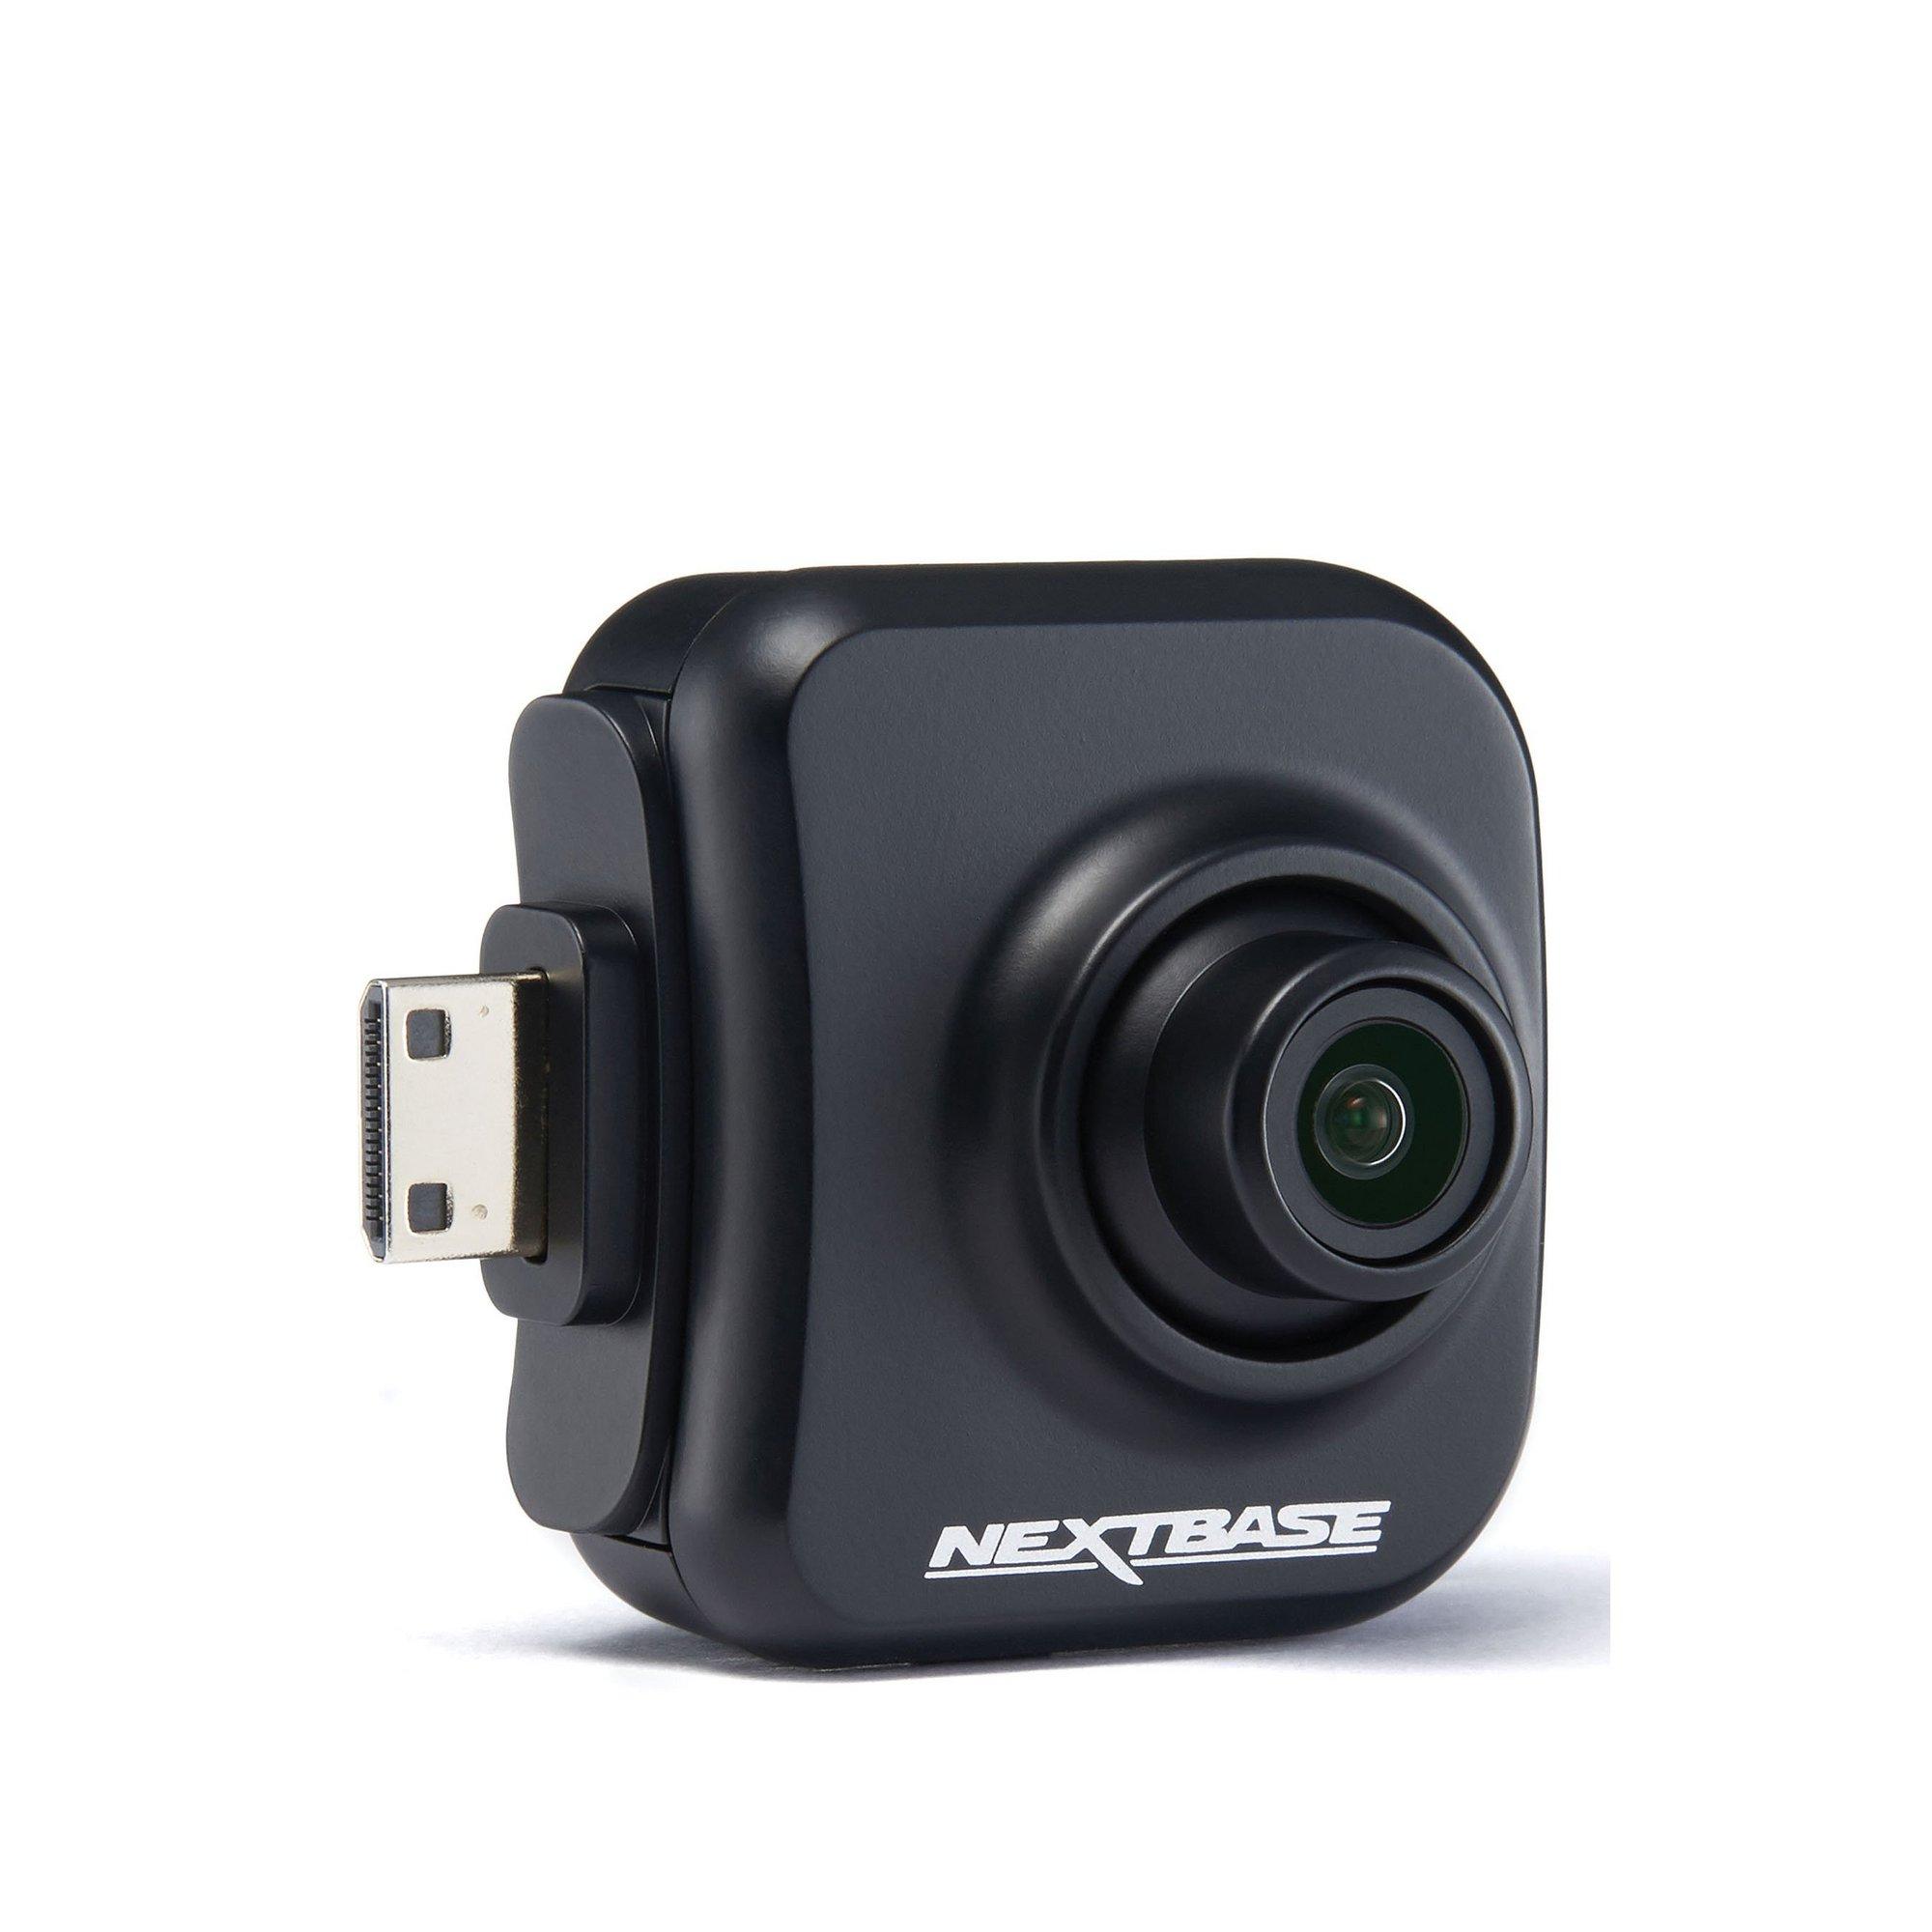 Image of Nextbase Rear View Camera